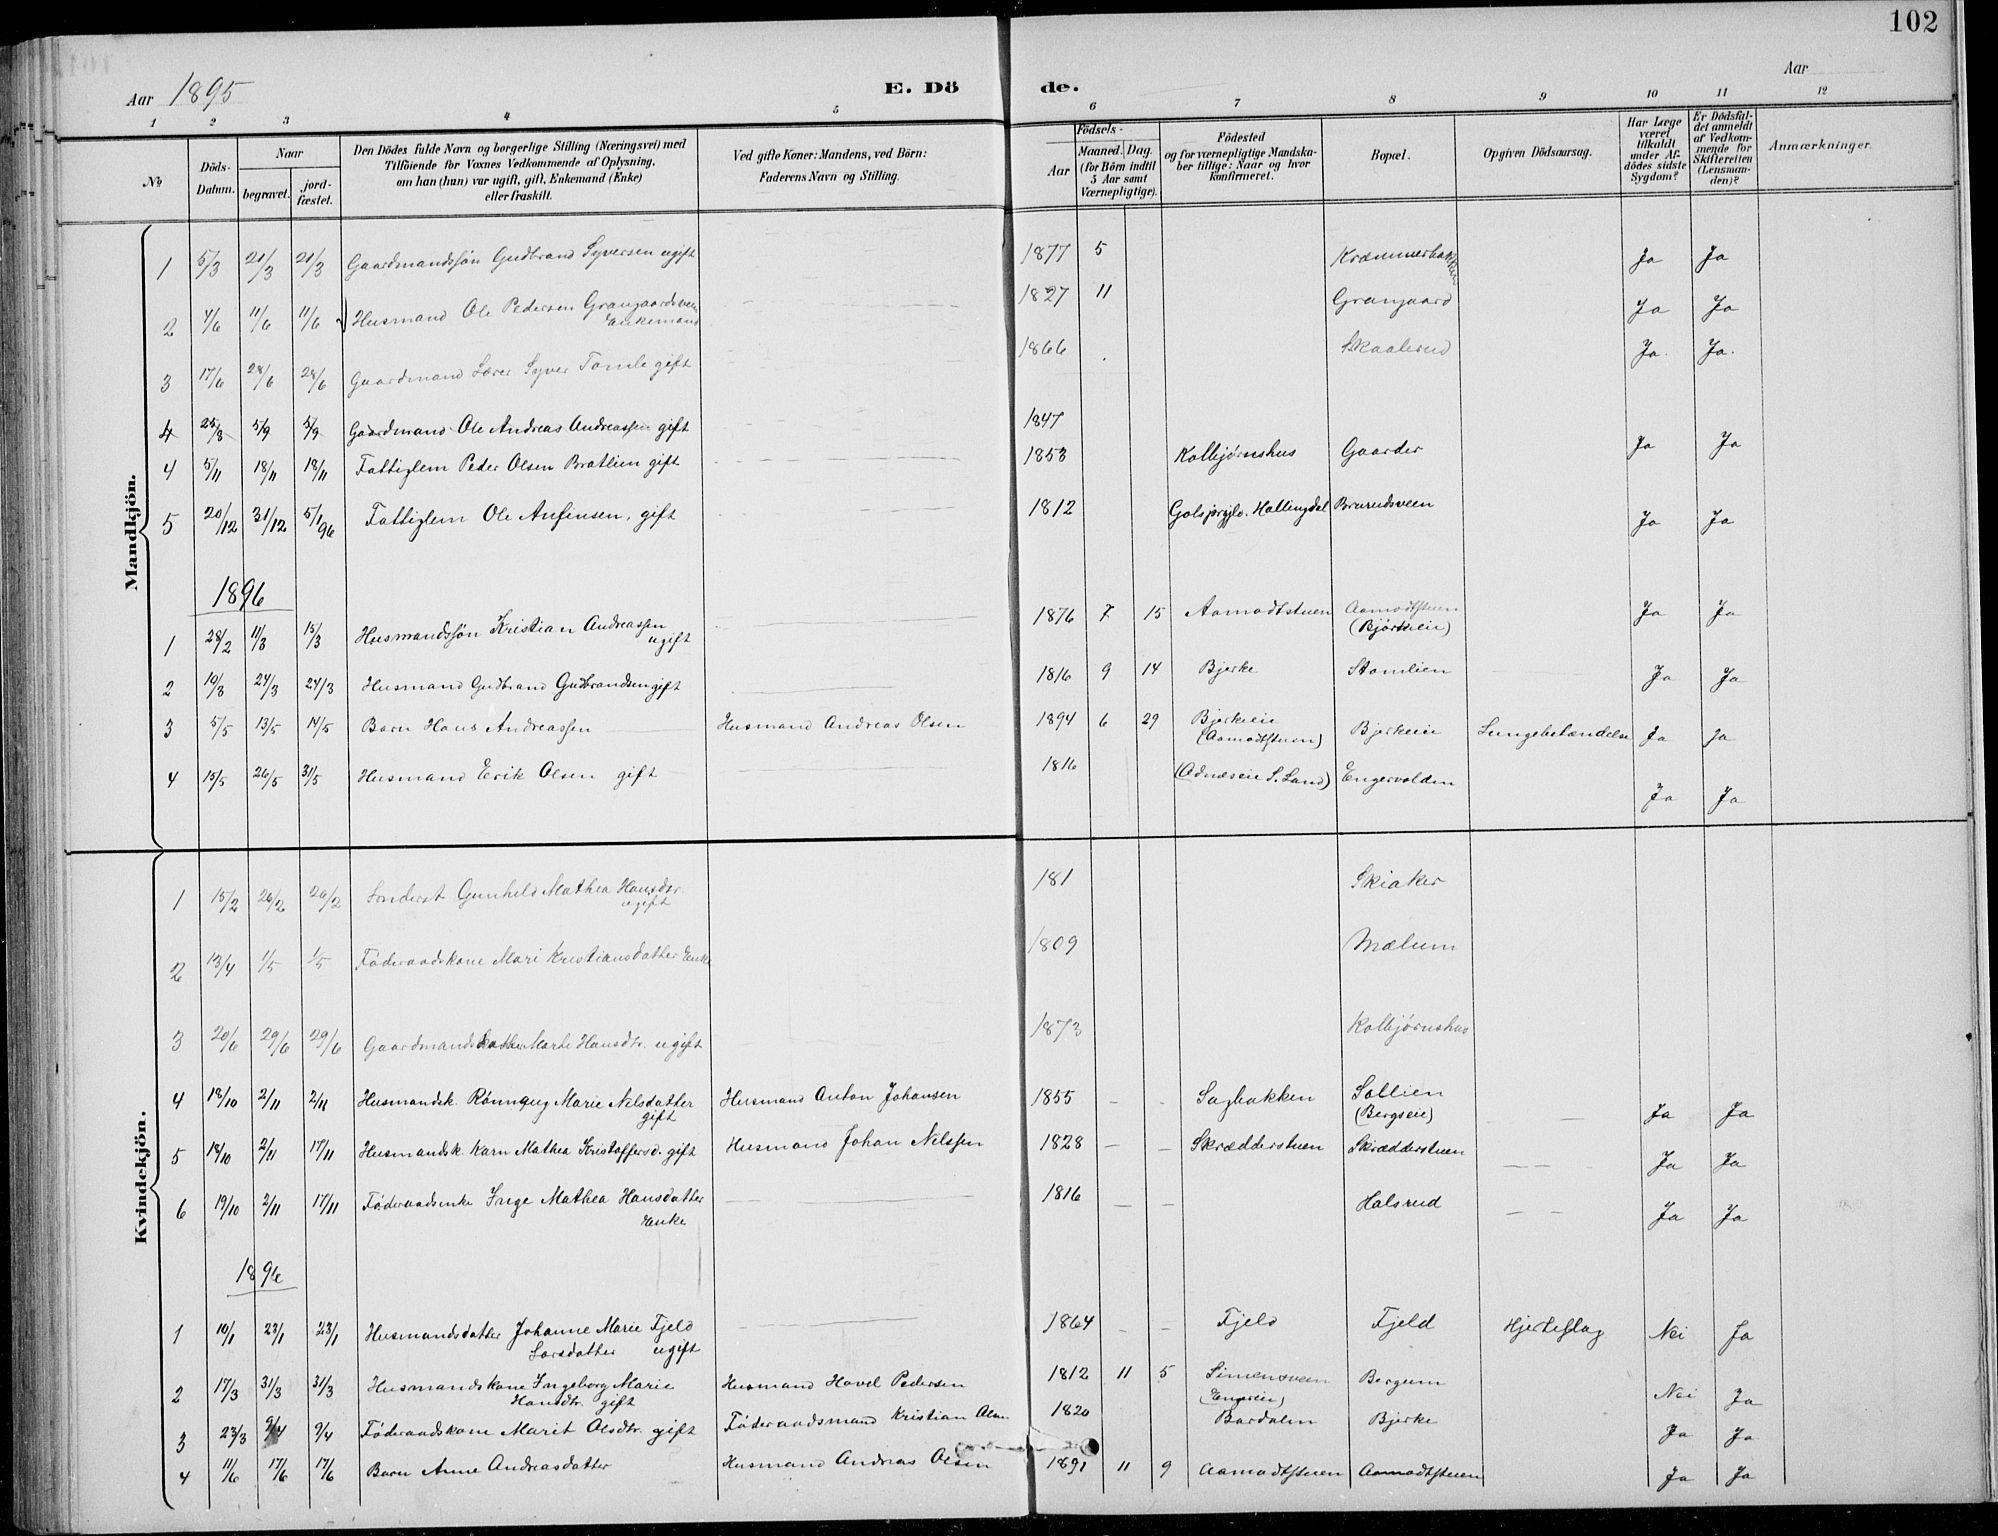 SAH, Nordre Land prestekontor, Klokkerbok nr. 14, 1891-1907, s. 102